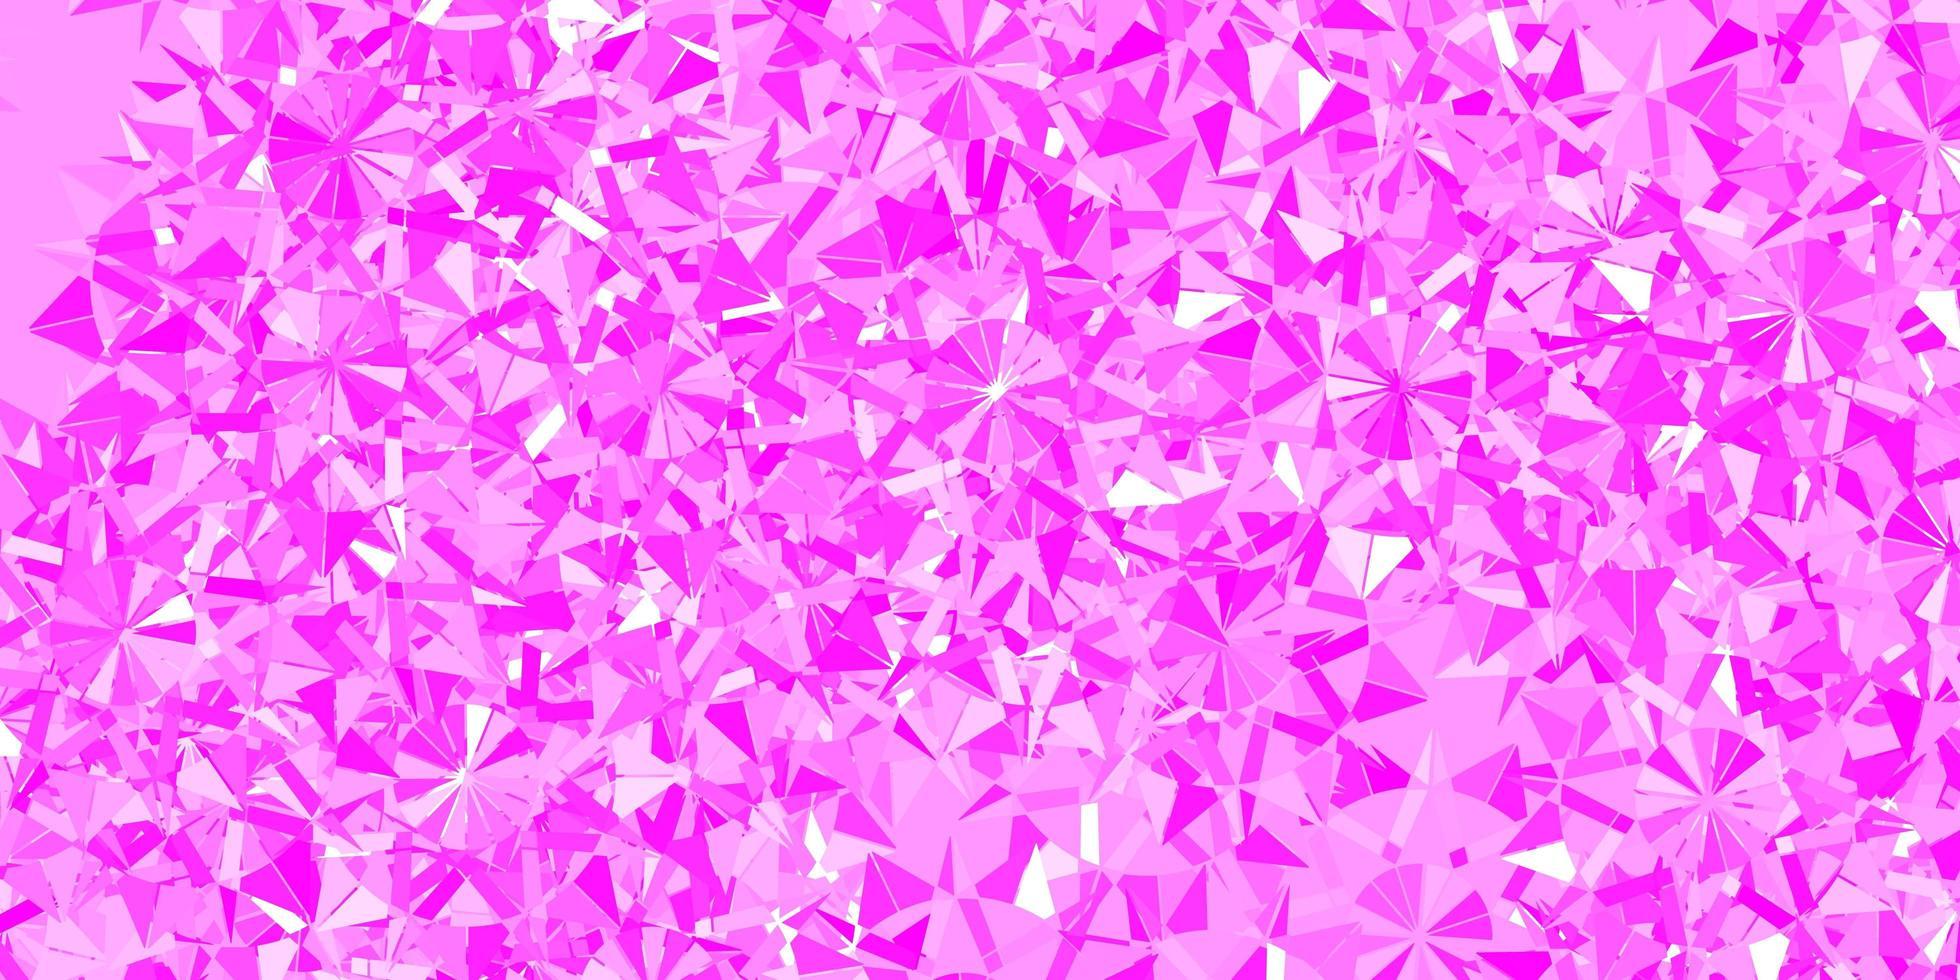 modèle vectoriel rose clair avec des flocons de neige de glace.